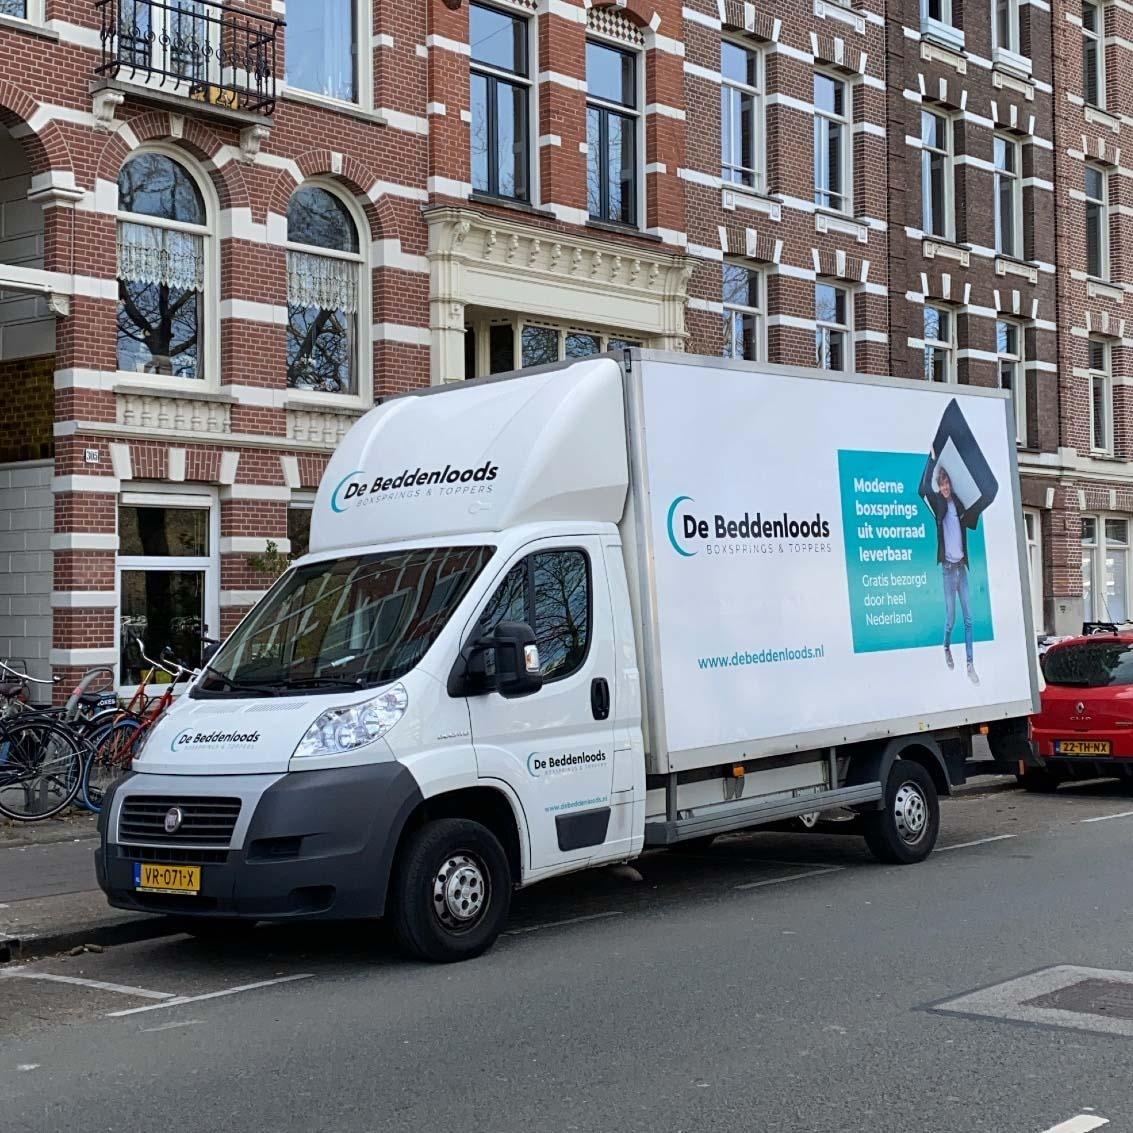 Gratis bezorging door heel Nederland